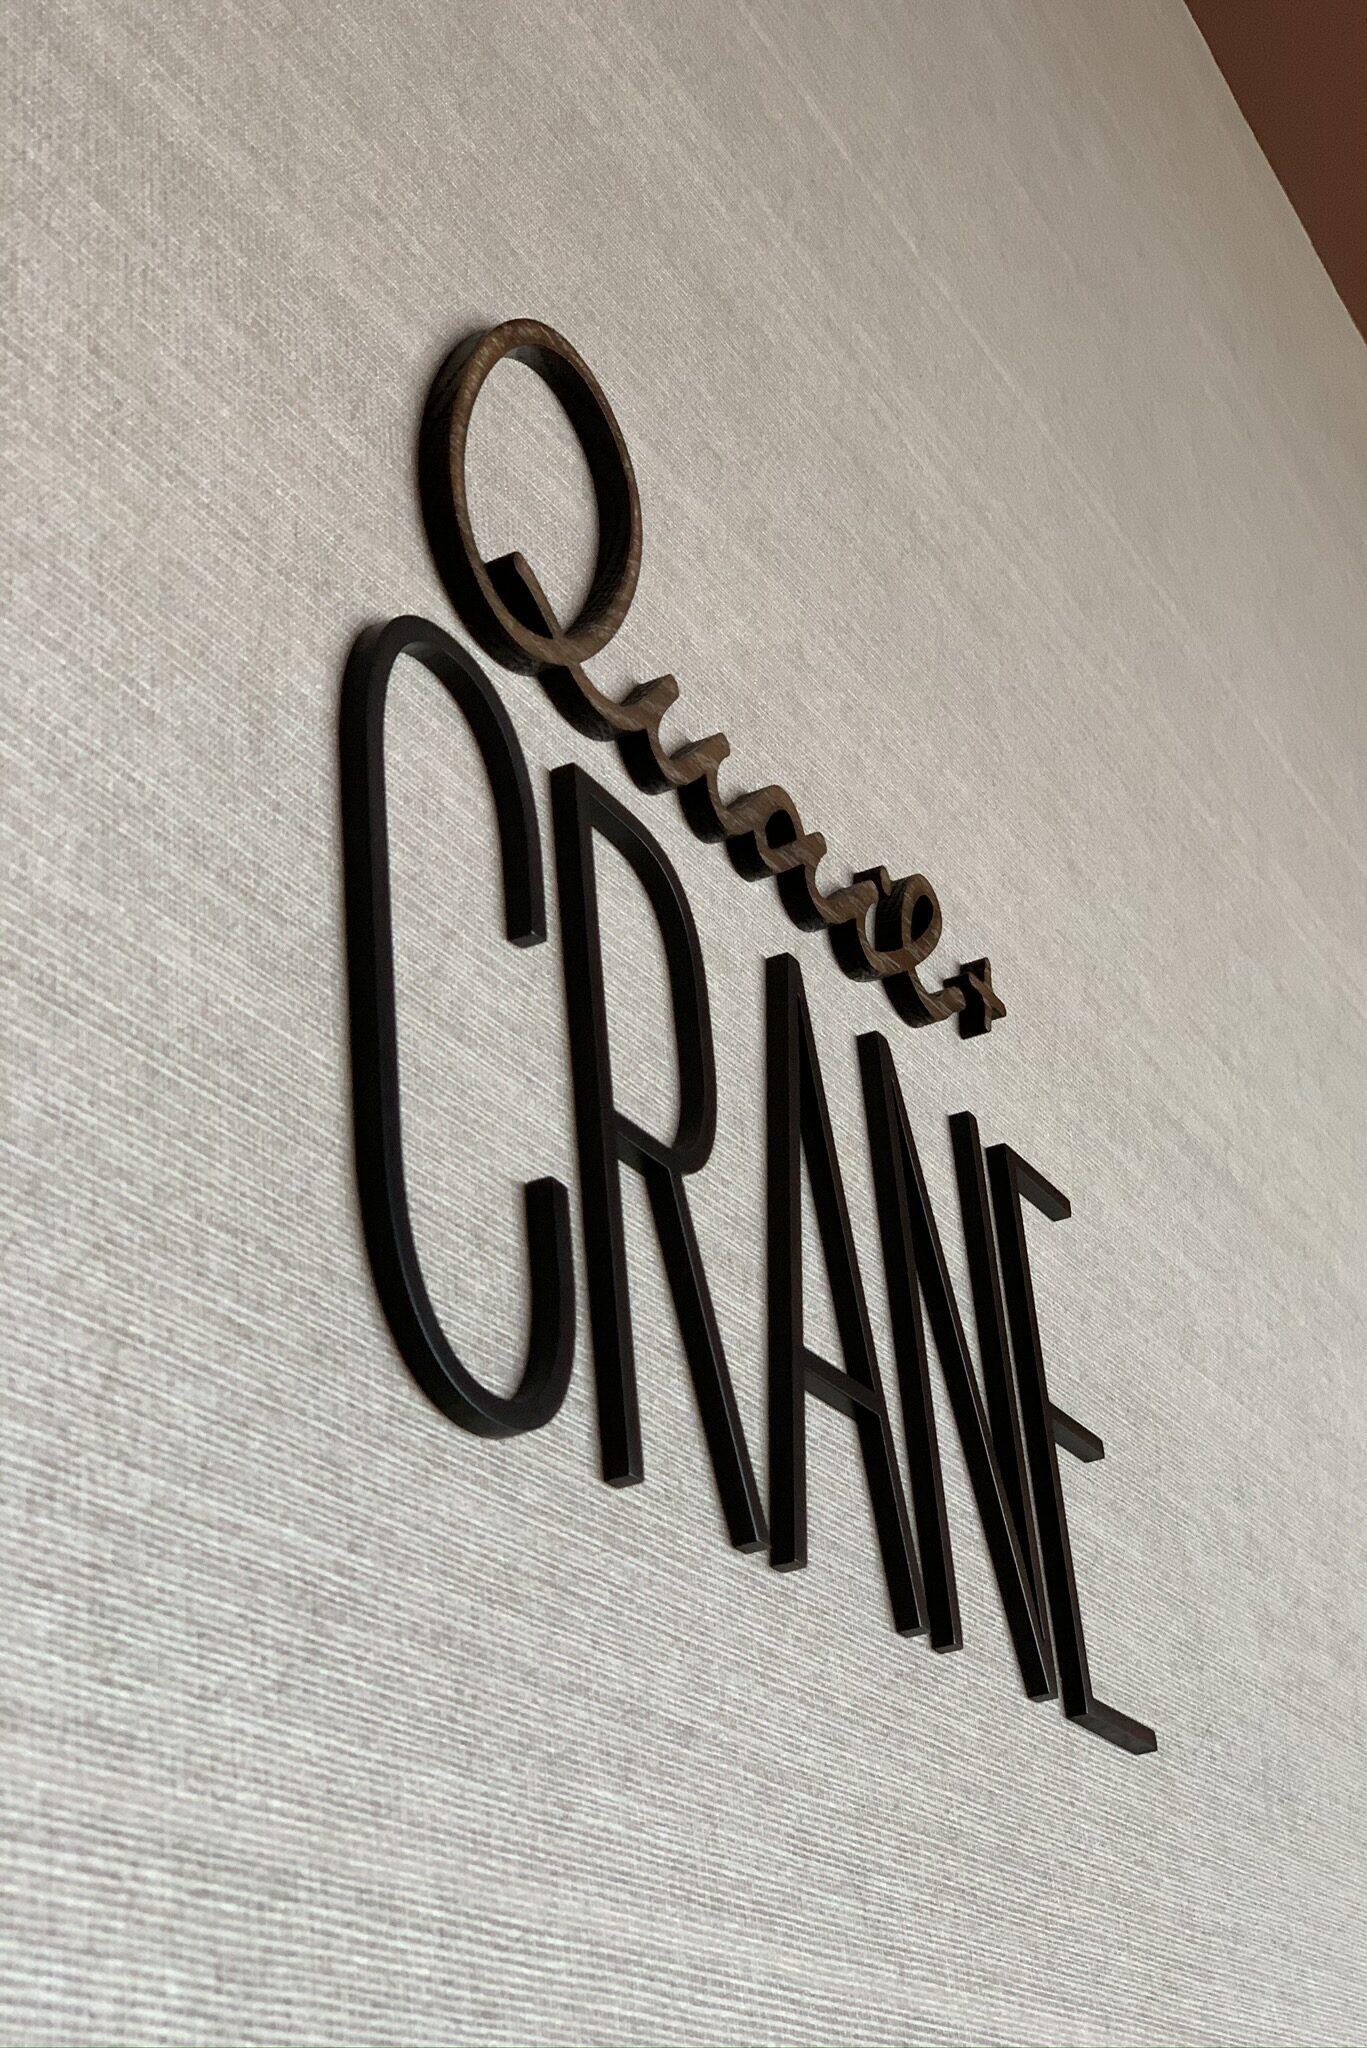 RBS_Hyatt_SFO_Quail_Crane_03